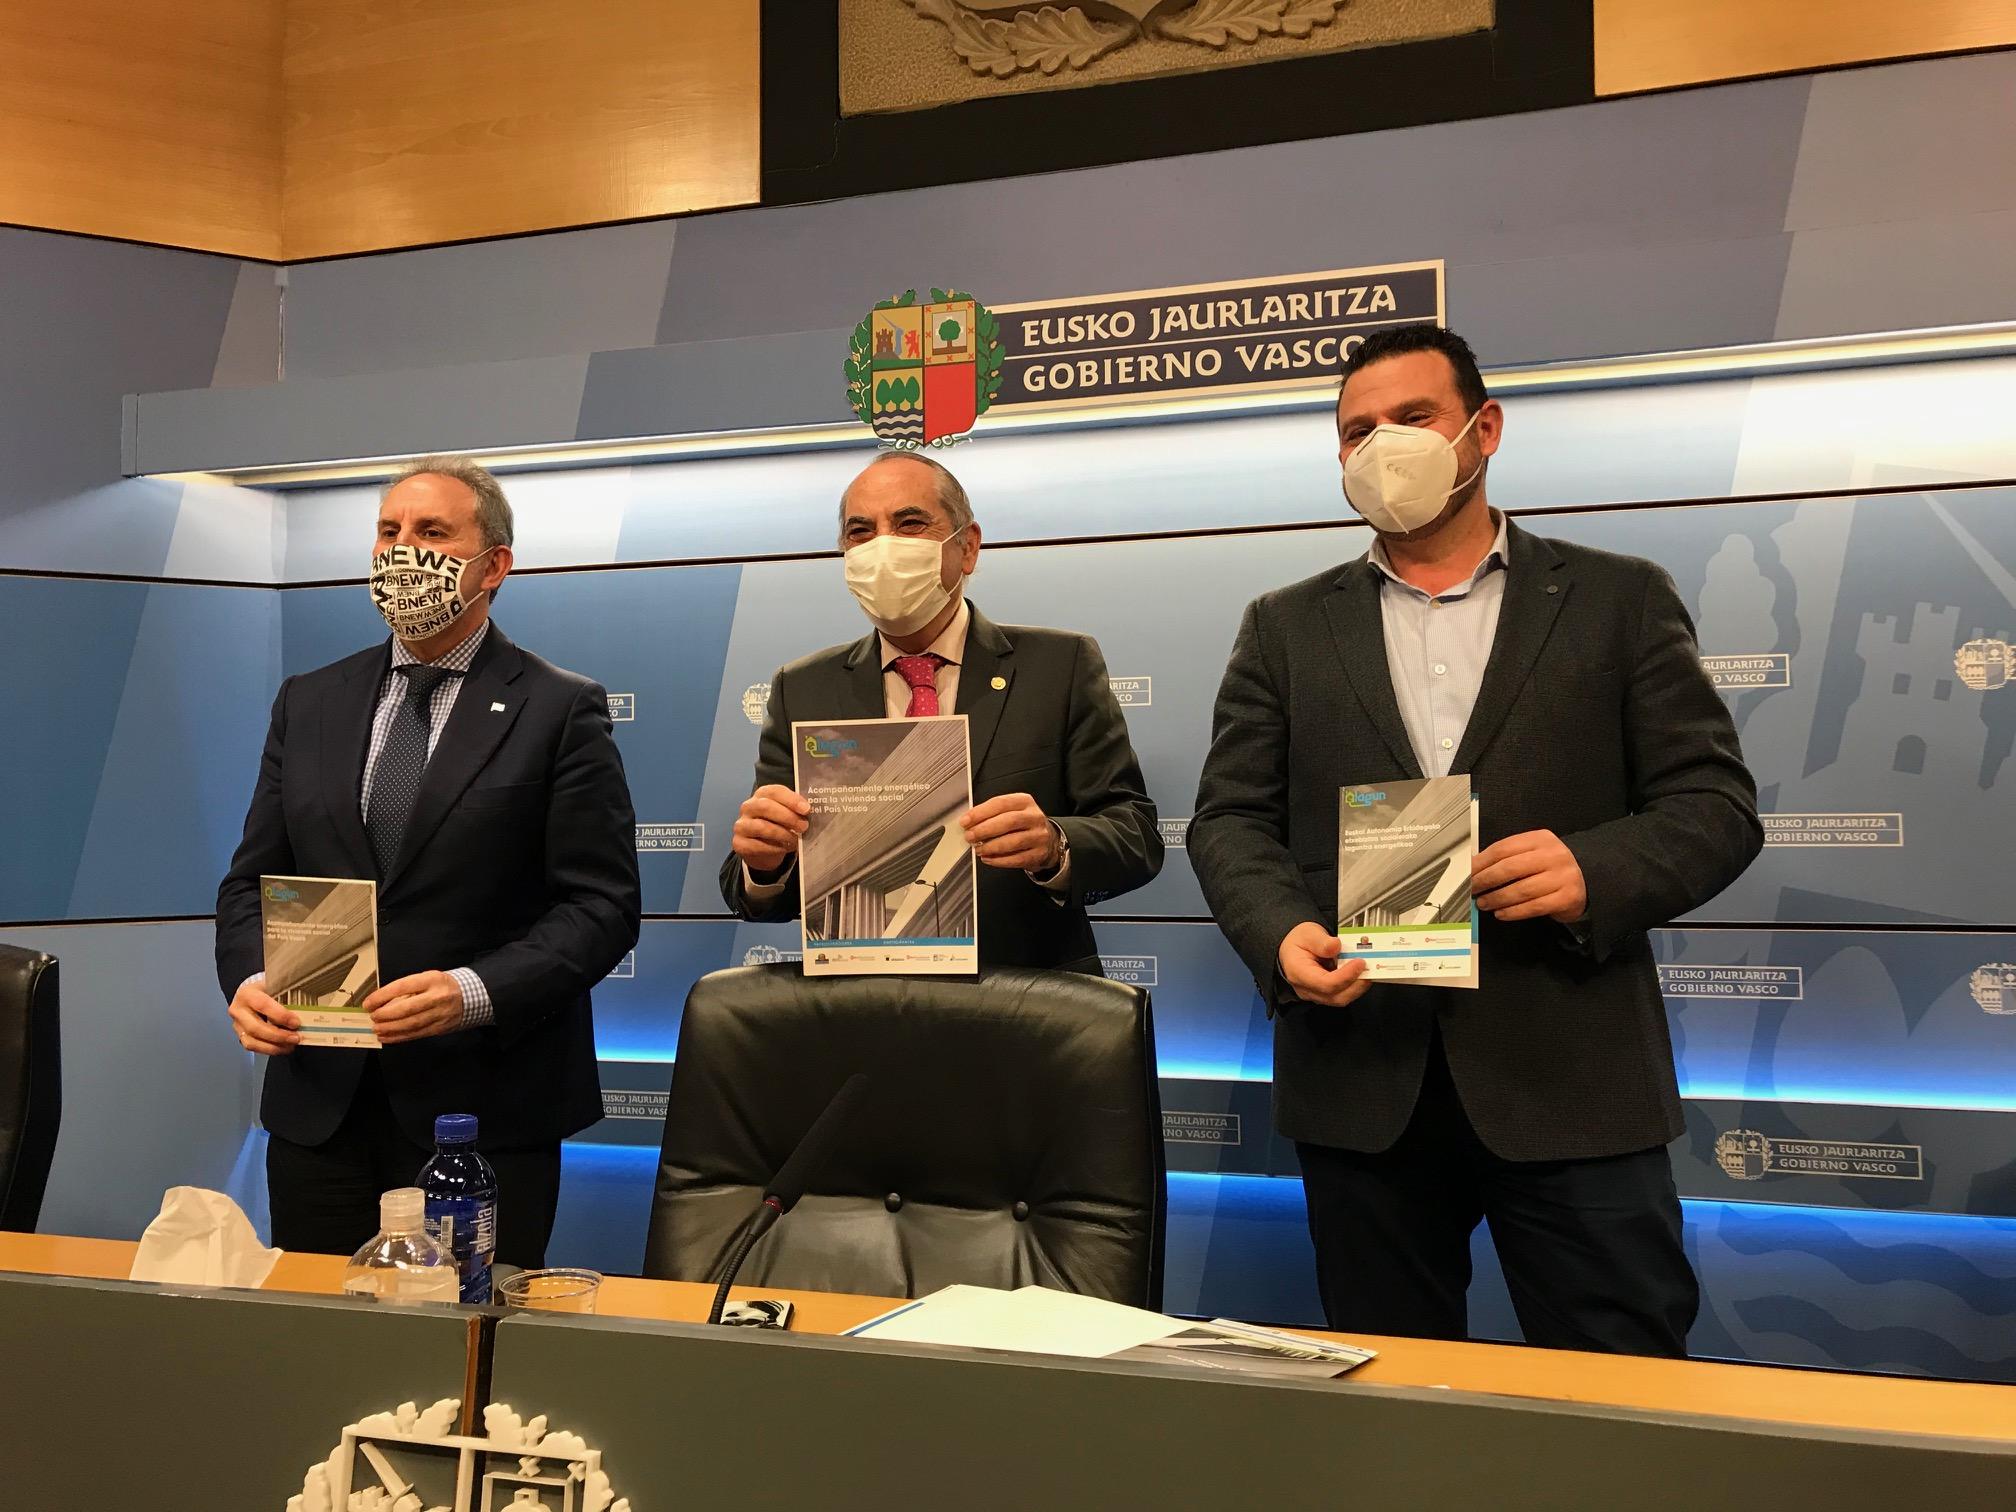 Euskal Autonomia Erkidegoa 2.000 etxebizitza sozialen portaera energetikoa aztertzen ari da, etxebizitza-parke publikoan energia aurreztea bultzatzeko [24:19]